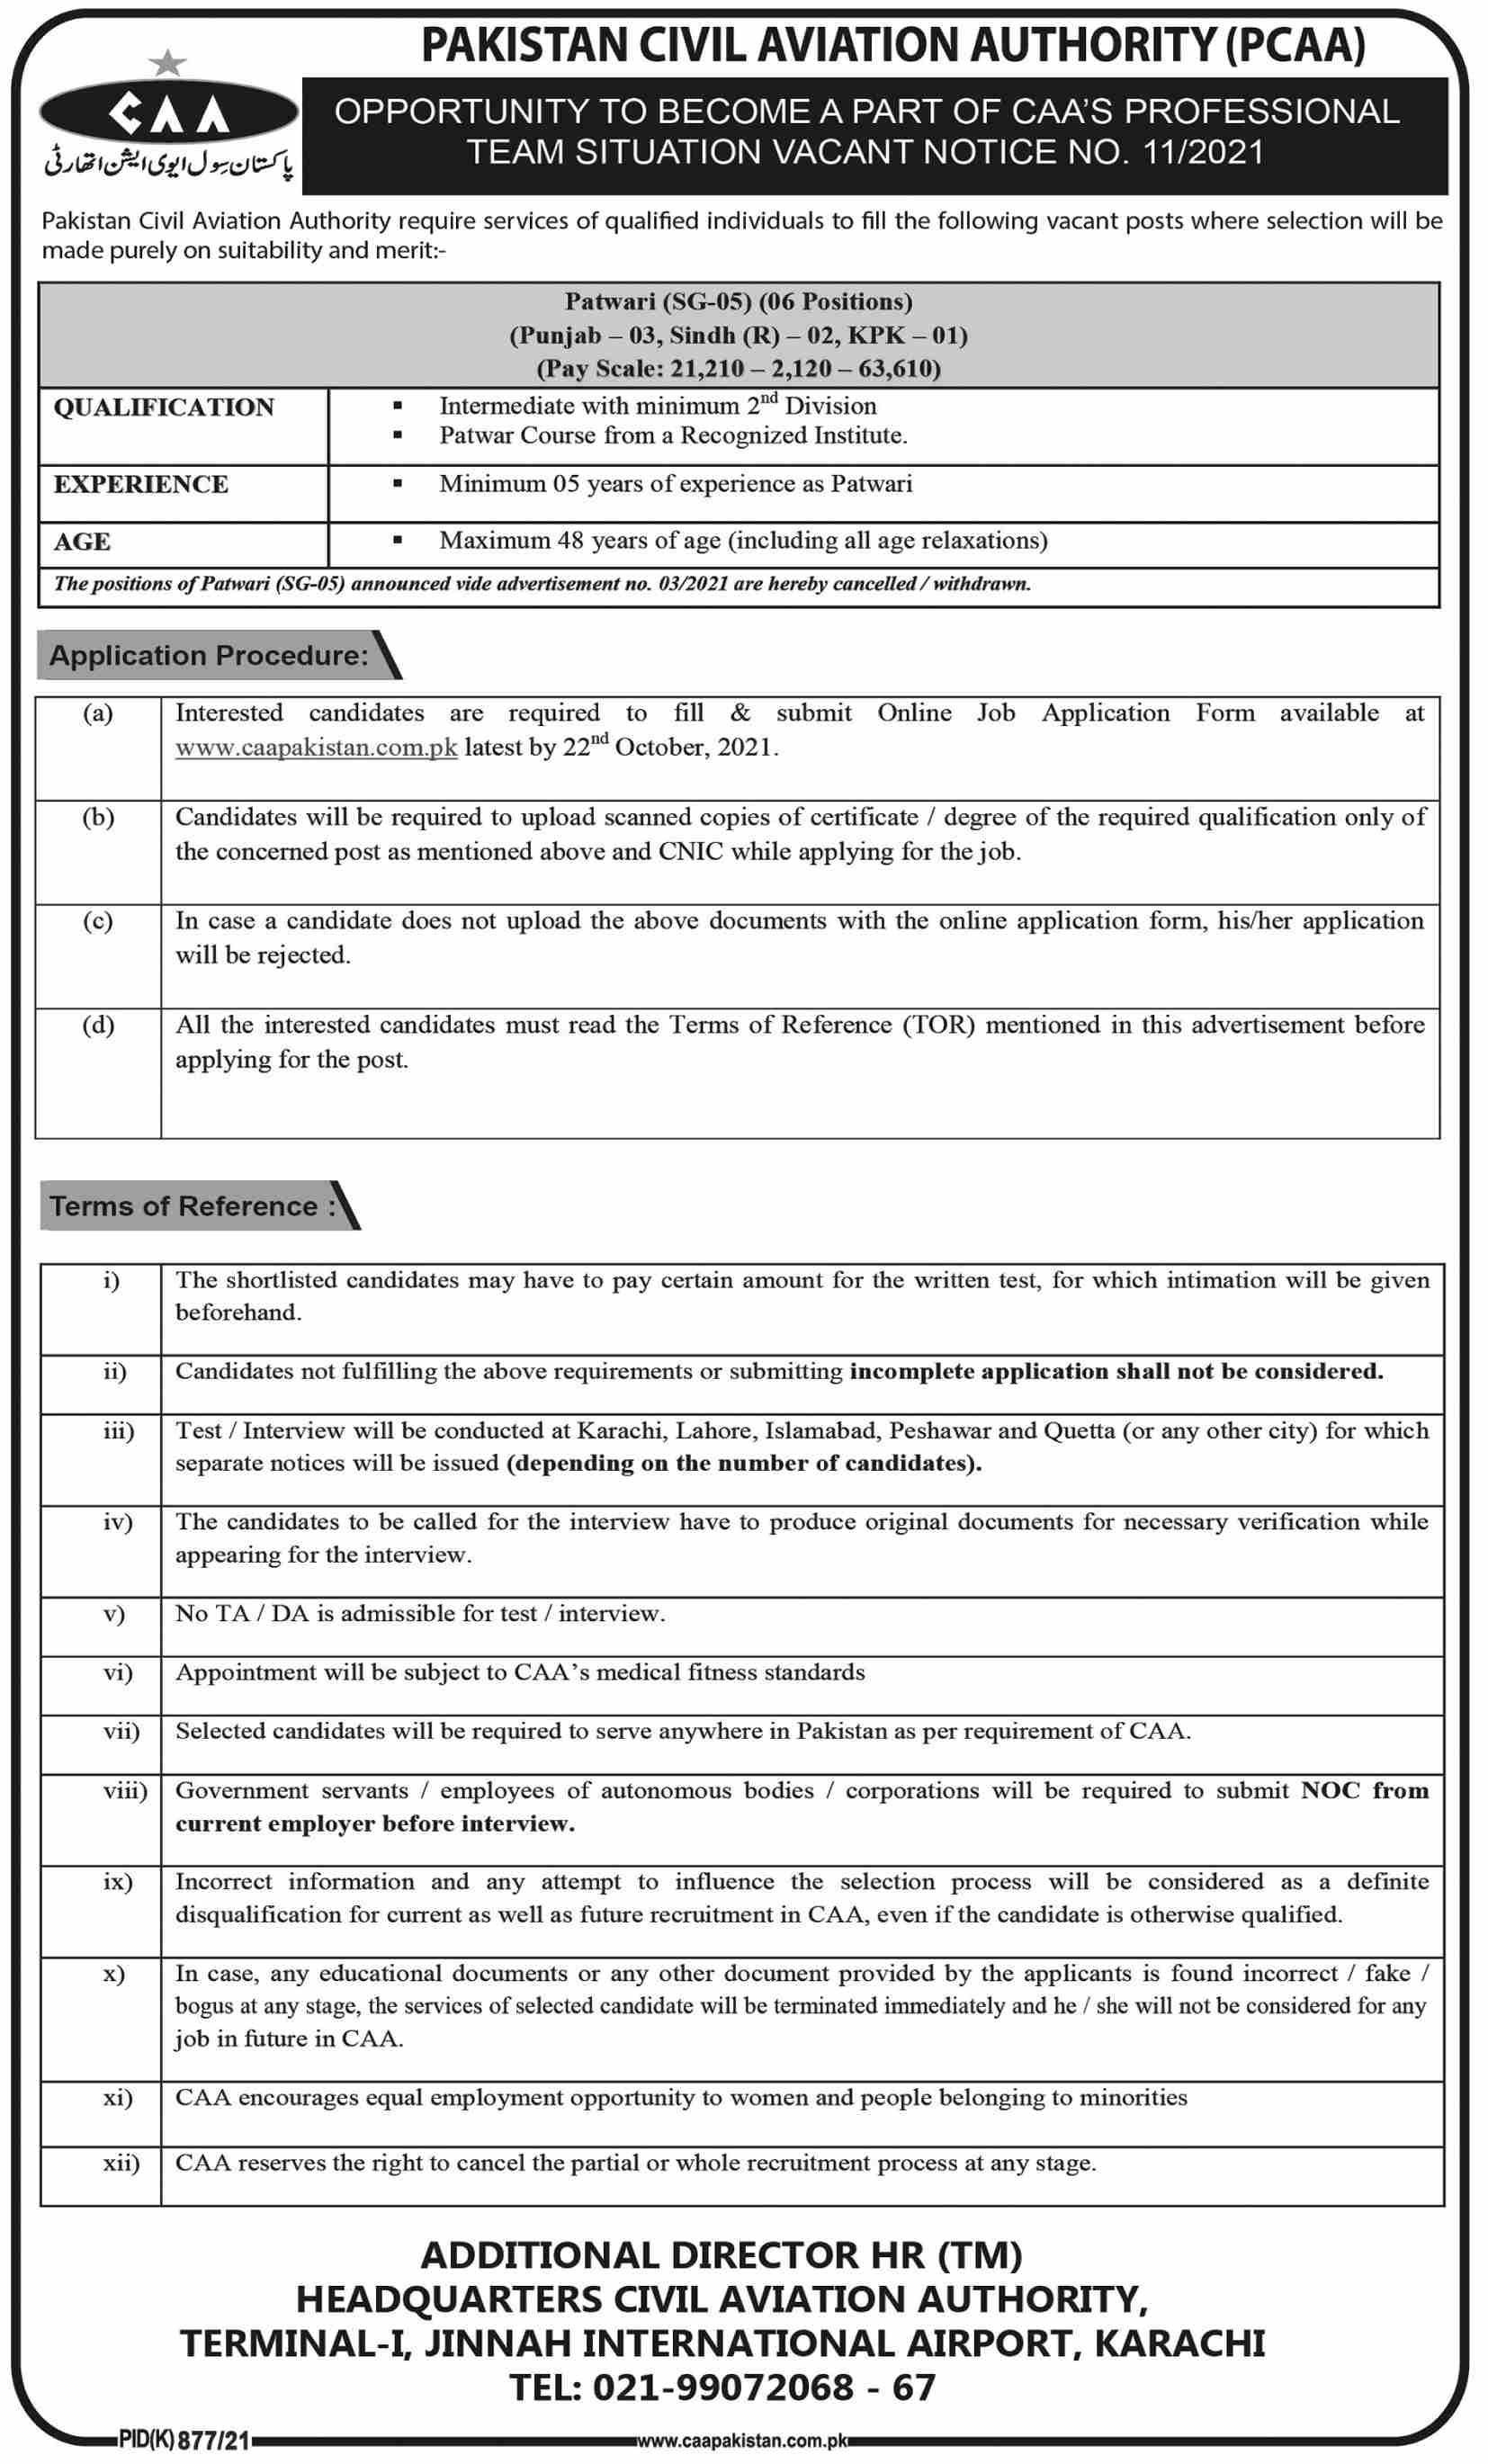 Pakistan Civil Aviation Authority (PCAA) Vacancies 2021 – Latest Jobs 3